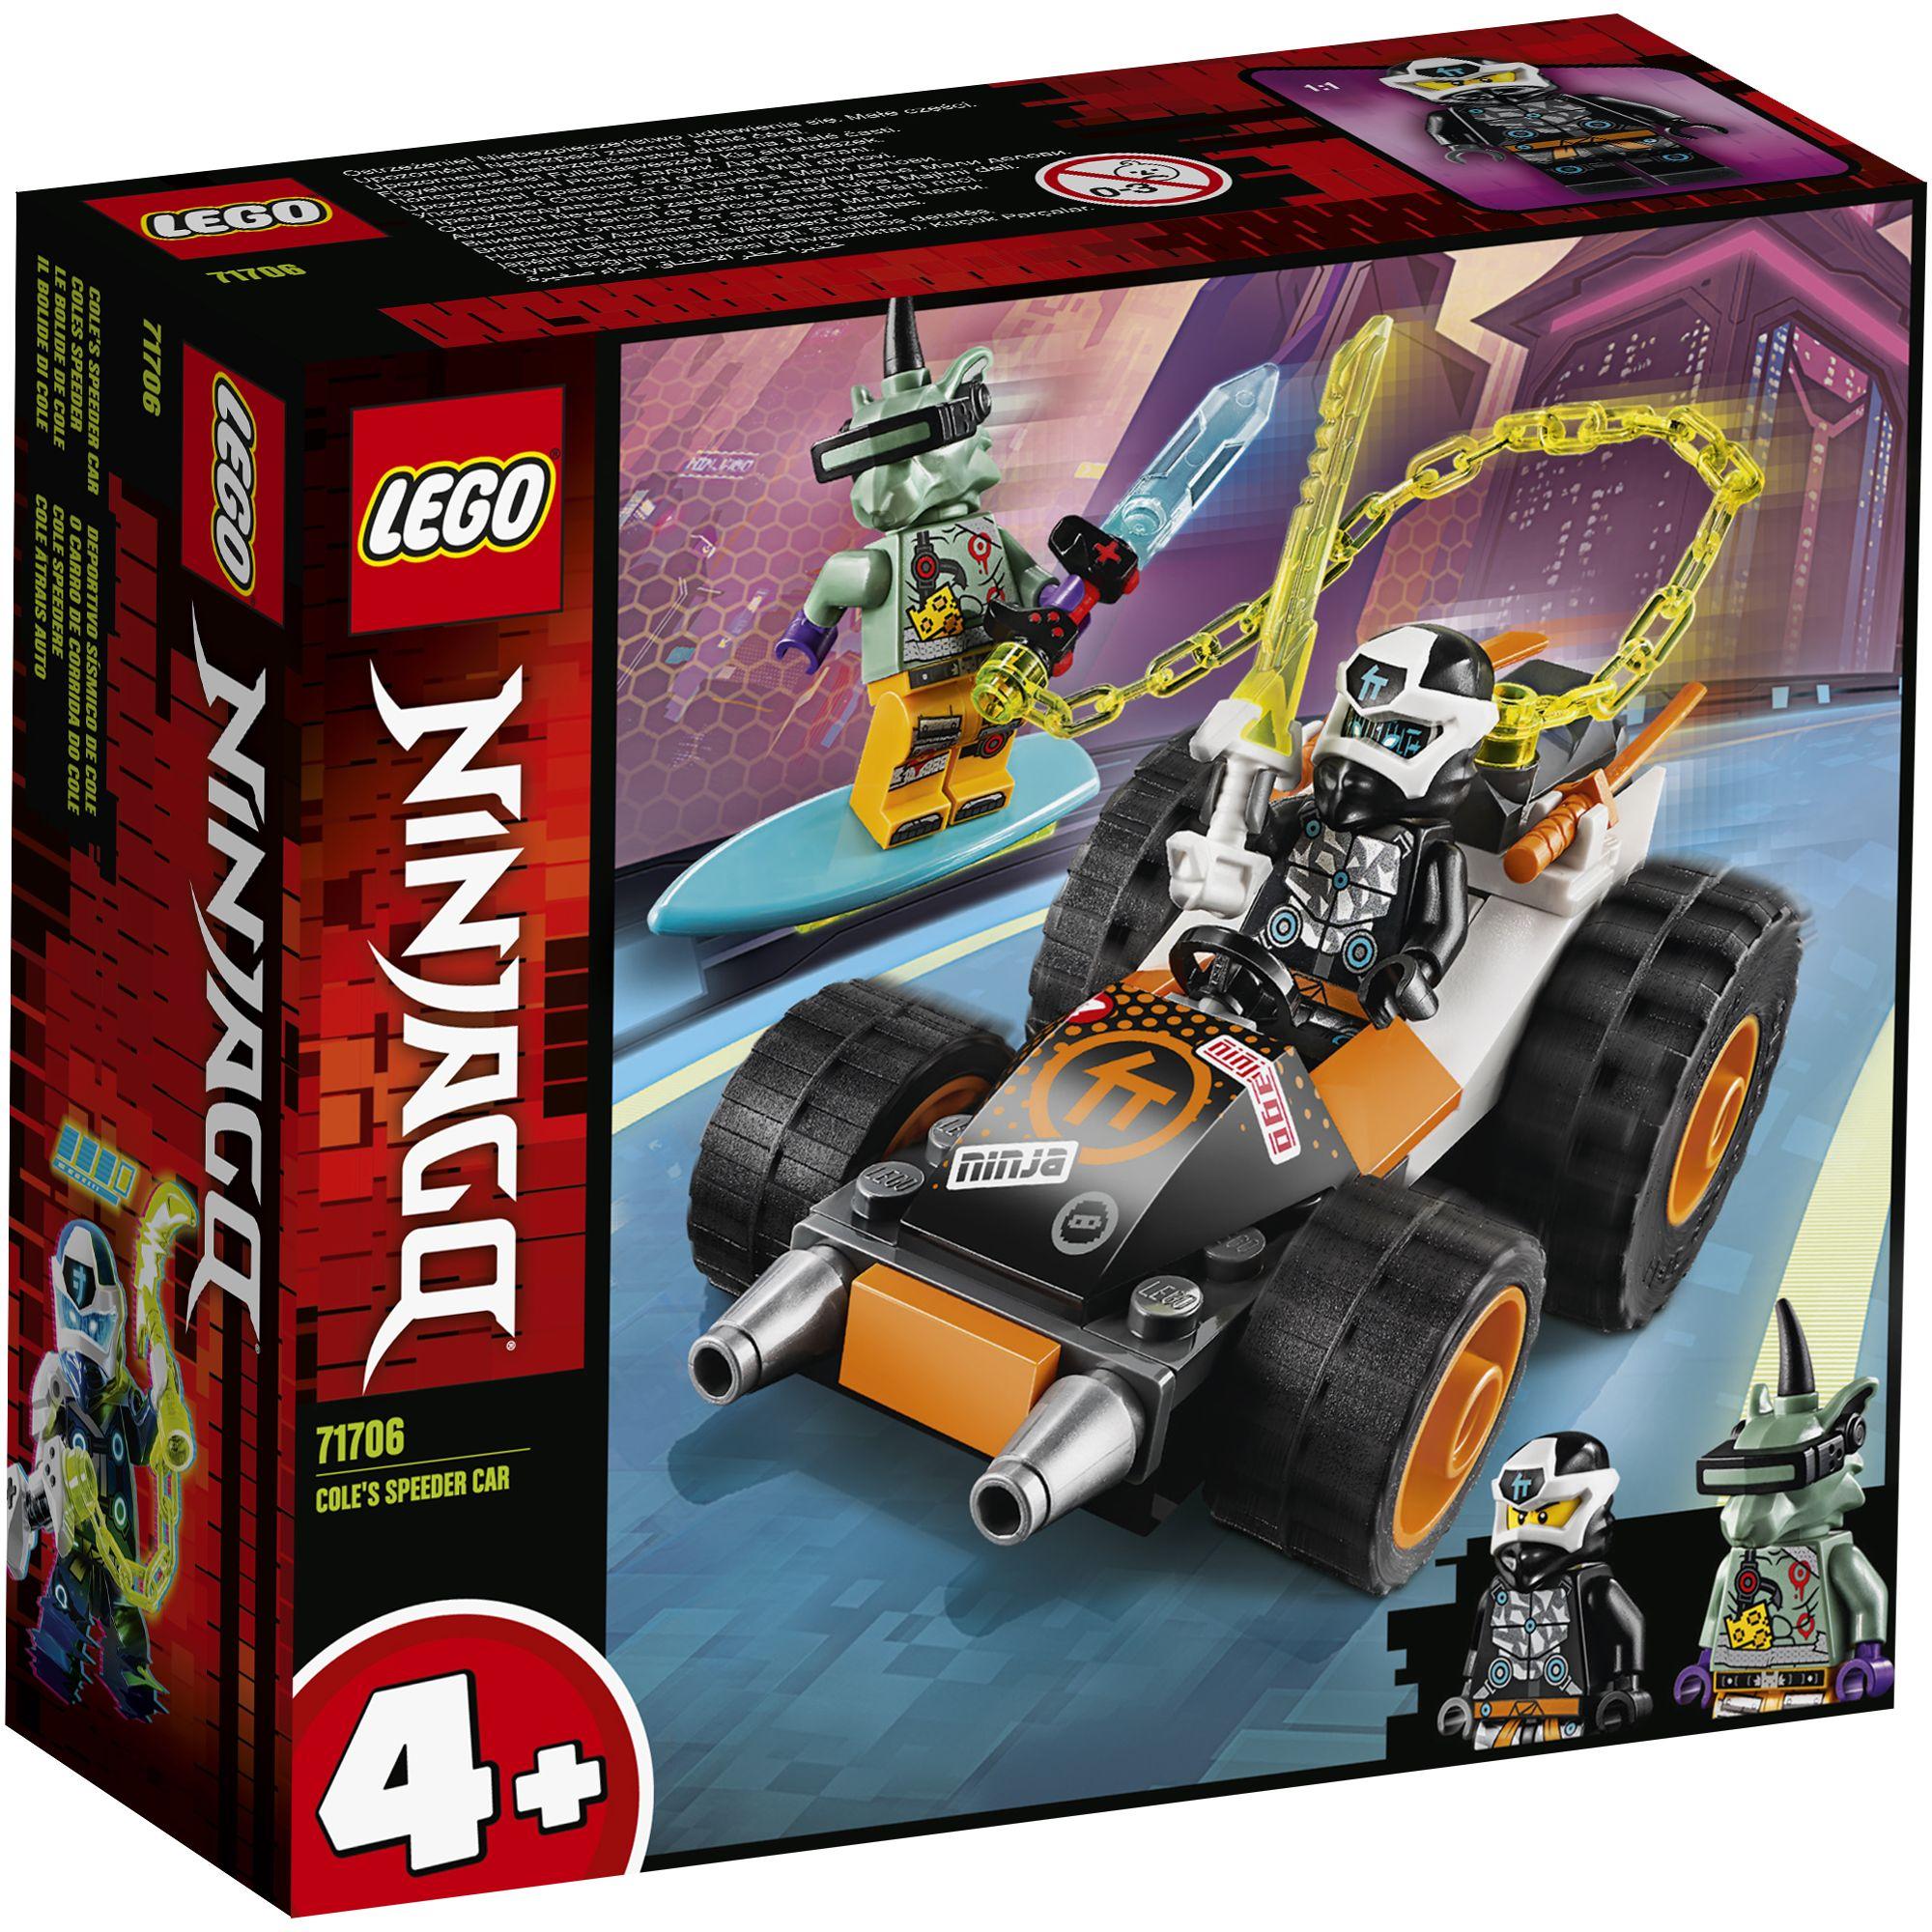 LEGO NINJAGO Il bolide di Cole - 71706 LEGO NINJAGO